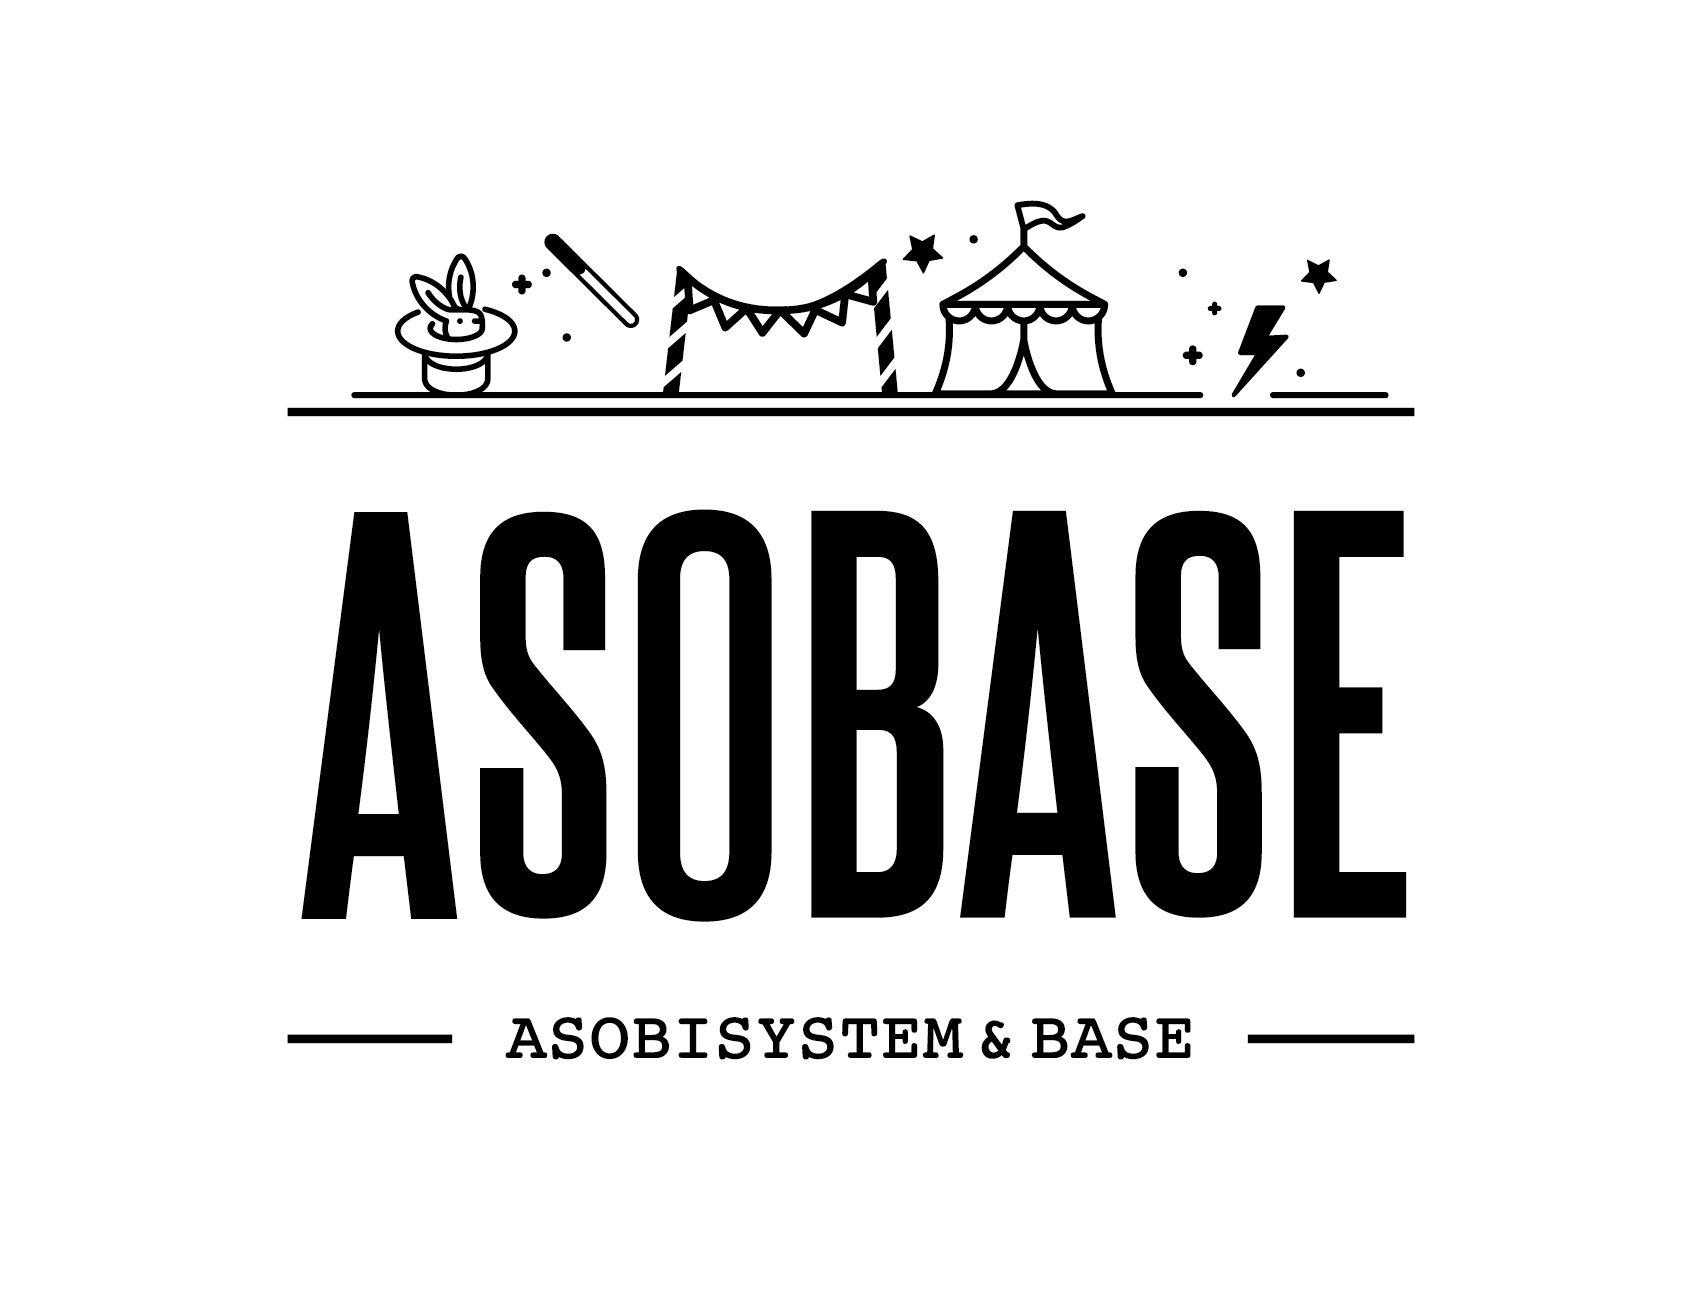 モノとカルチャーが集まるリアルイベント「ASOBASE」第二弾が7月に開催決定! 出店店舗募集中